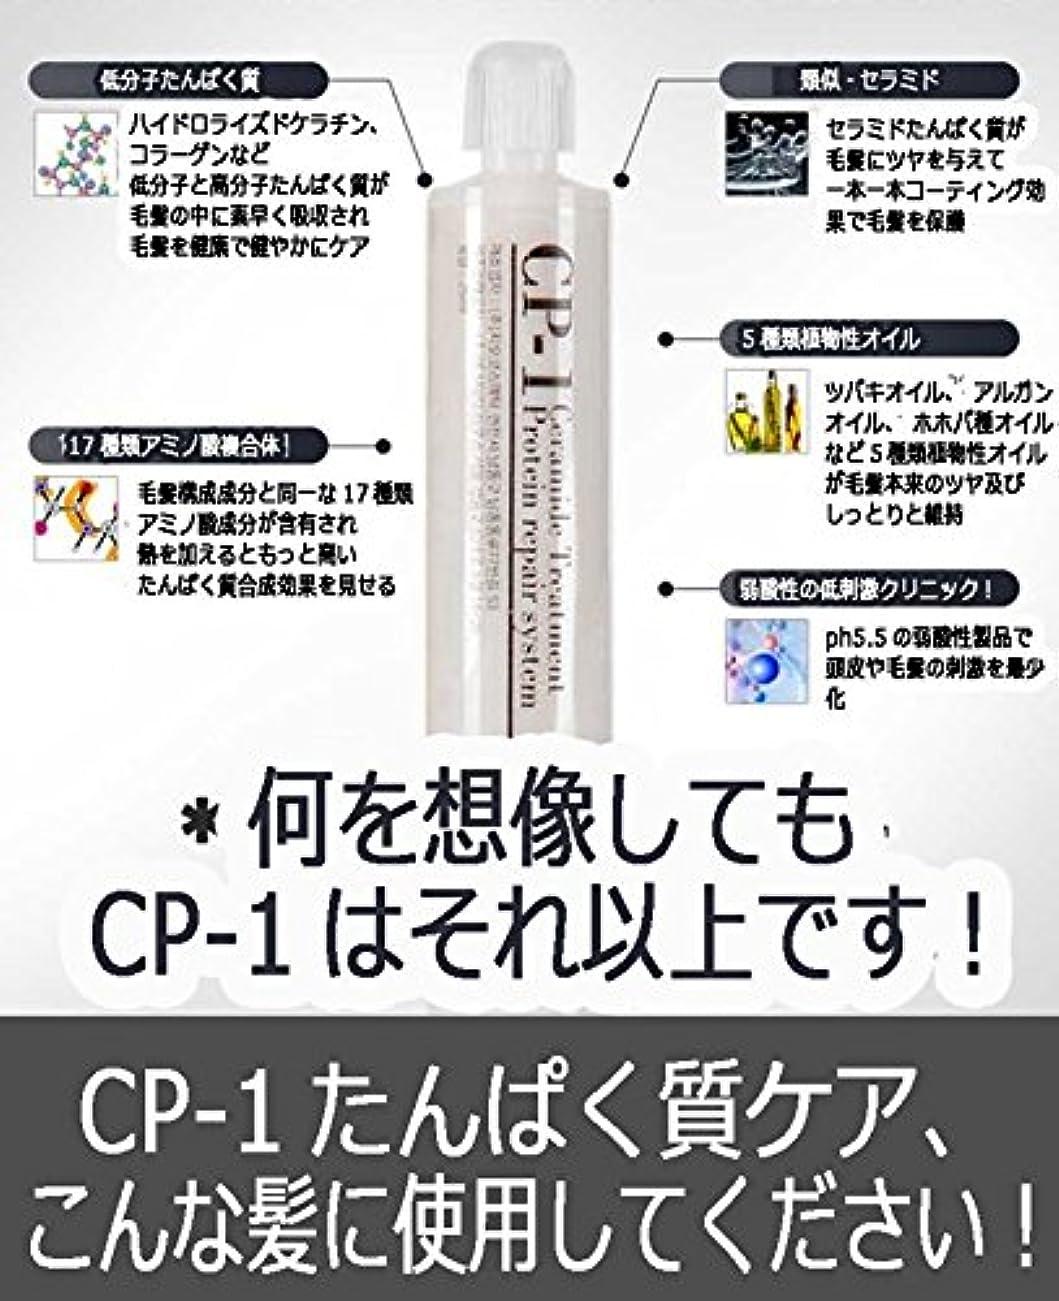 下向き芽下向き[CP-1 Protein 10pcs タンパク質&セラミド] ヘア?デザイナーが先ずお勧めするタンパク質クリニック!家で簡単タンパク質の施術で、高度なサロンケアを体験!【10個入り】